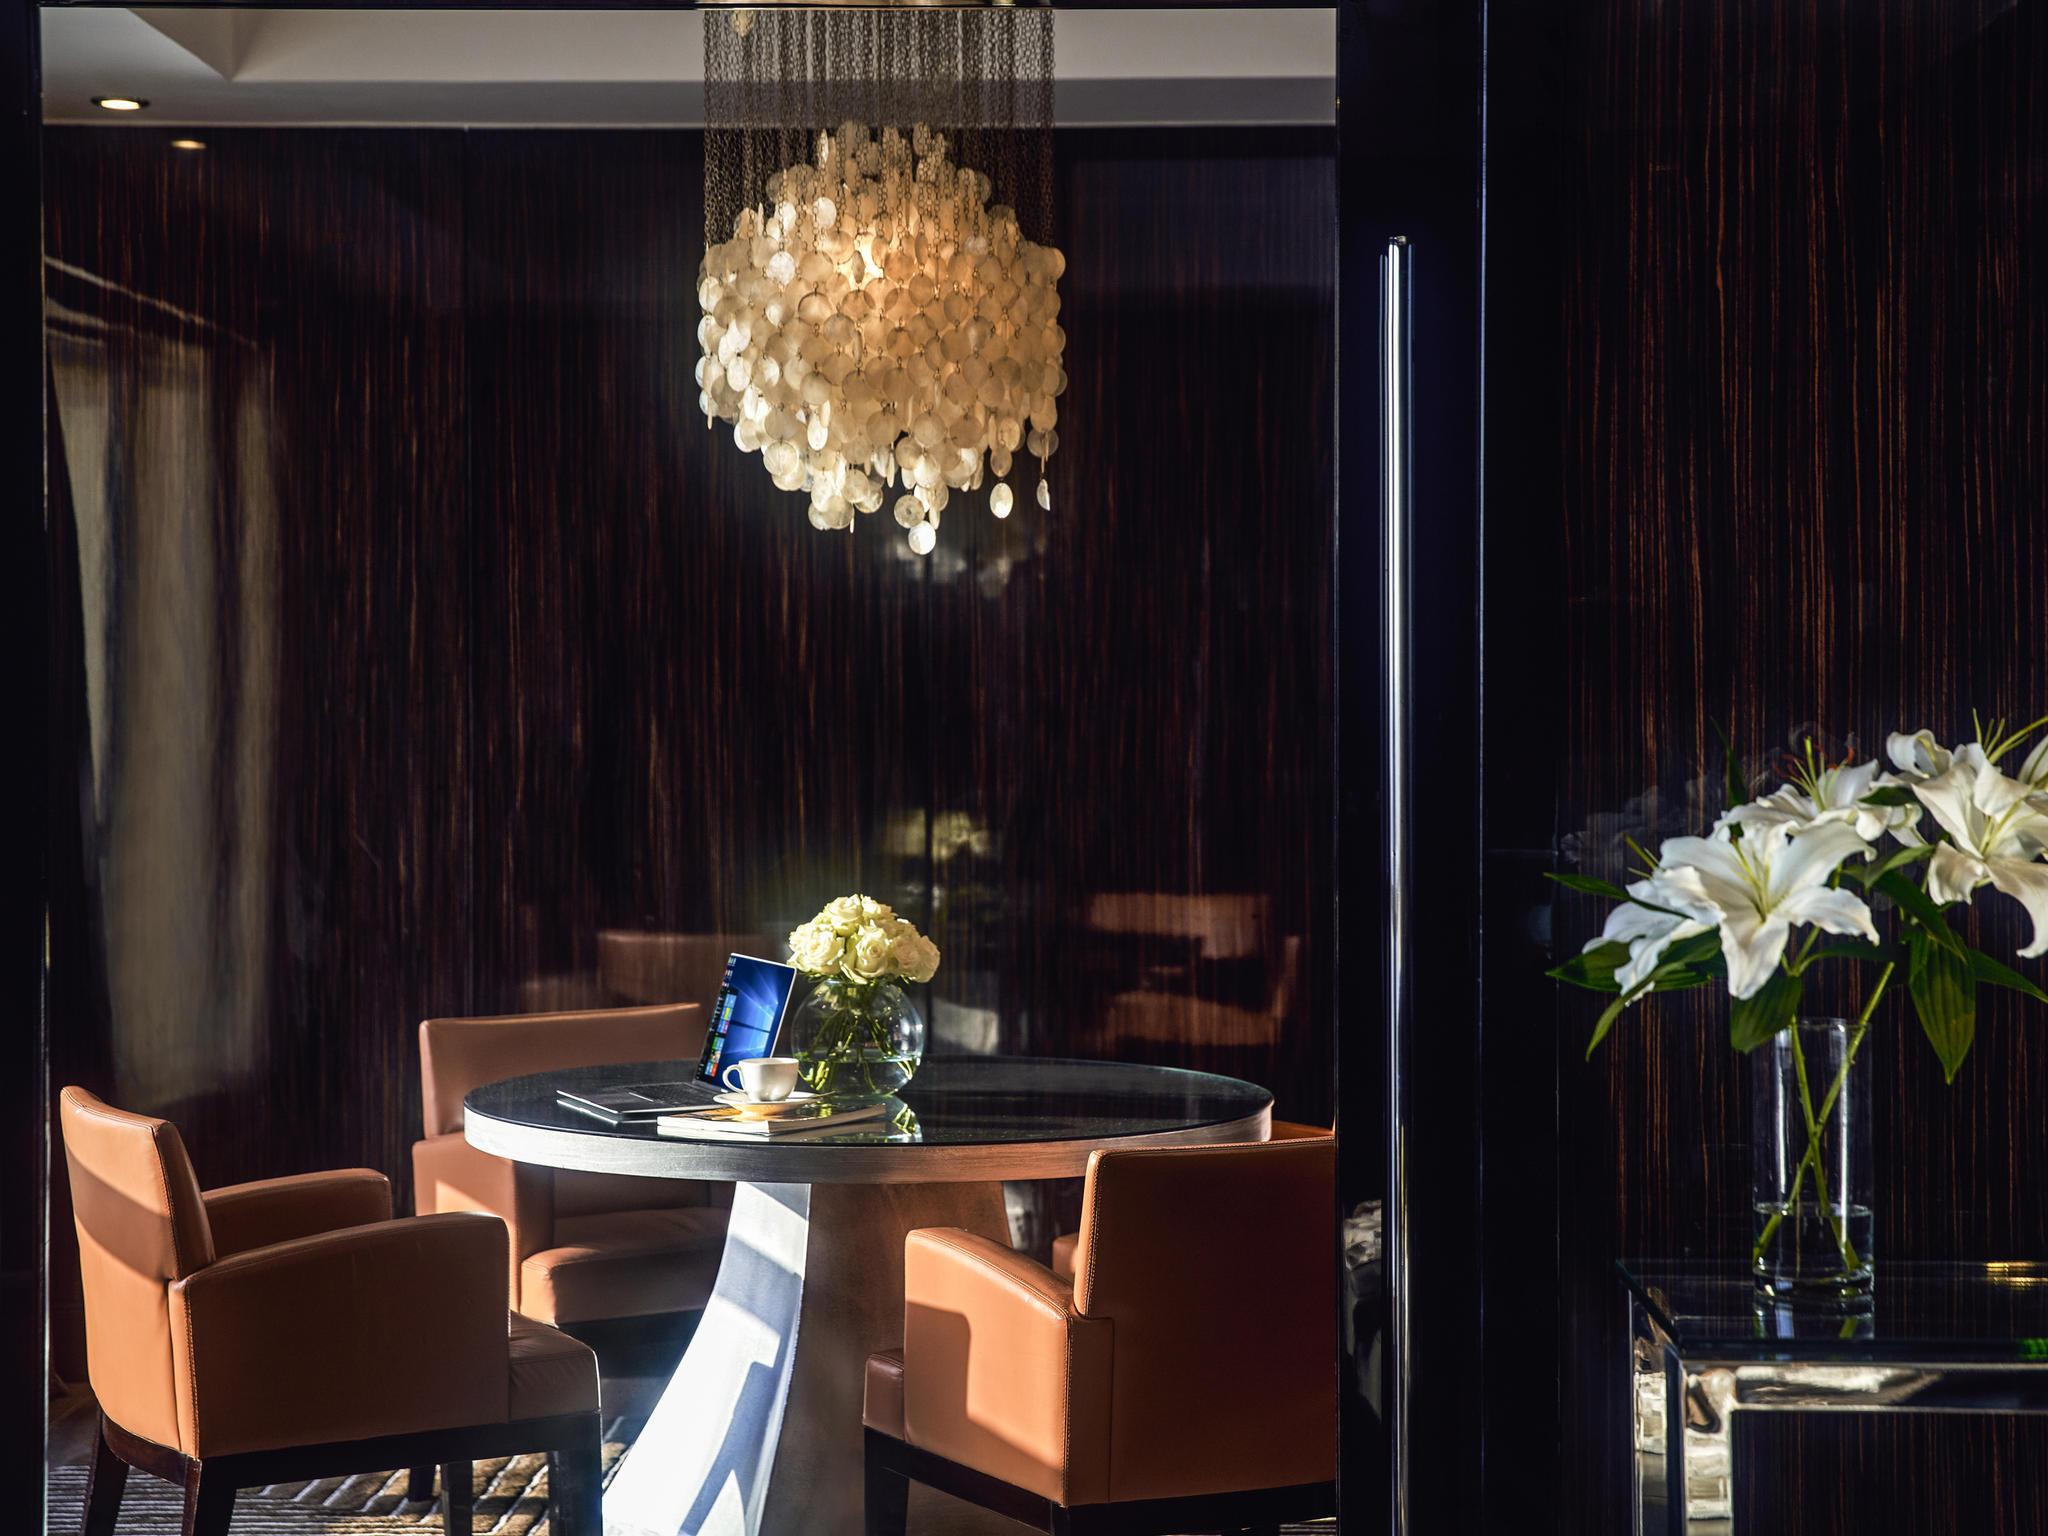 Hotel in caÏro fairmont nile city